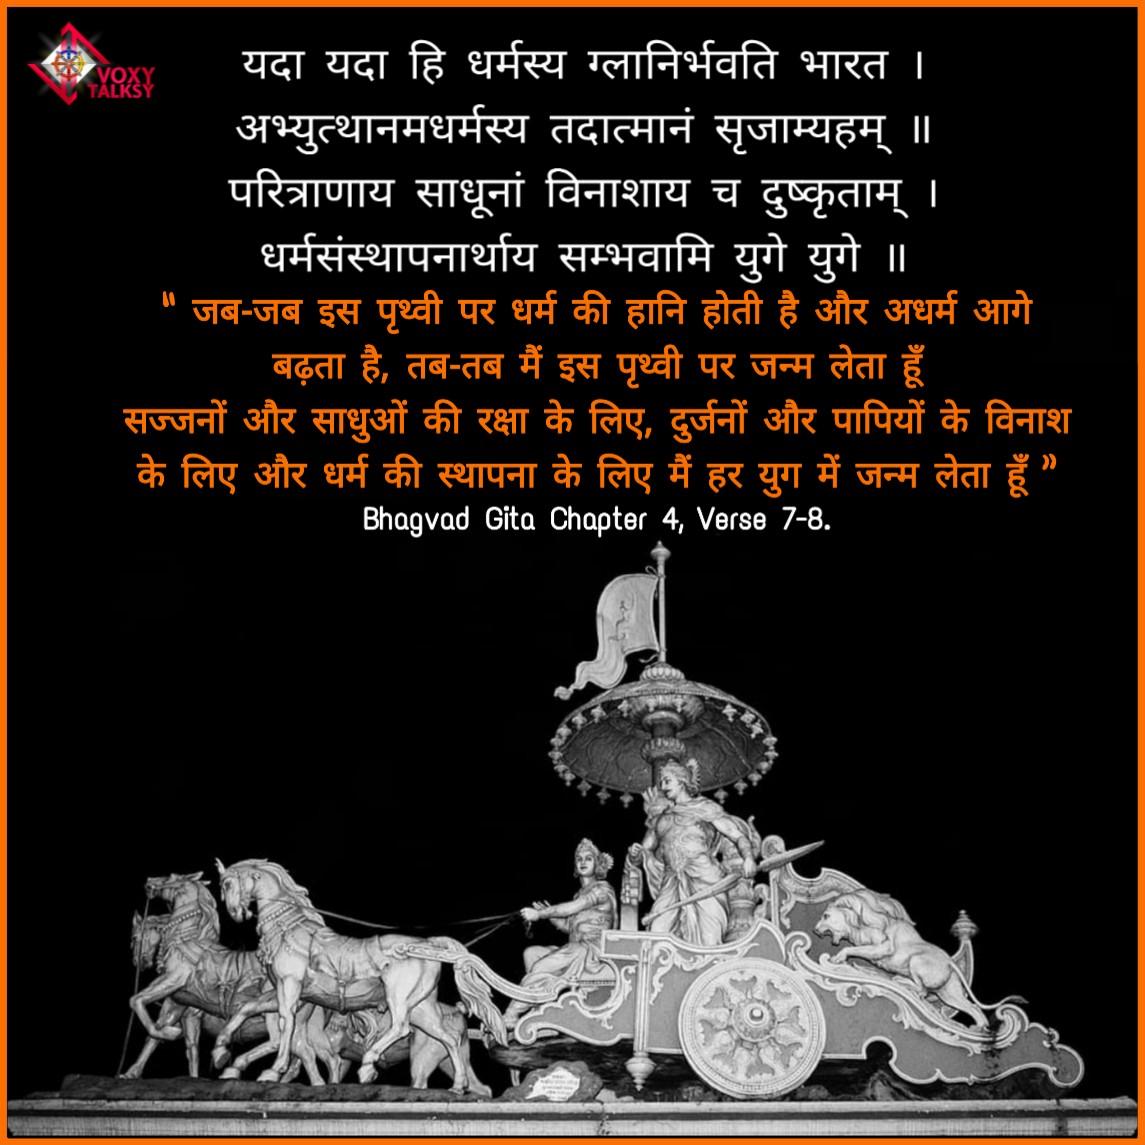 Janamashtami | Lord Krishna | VoxyTalksy